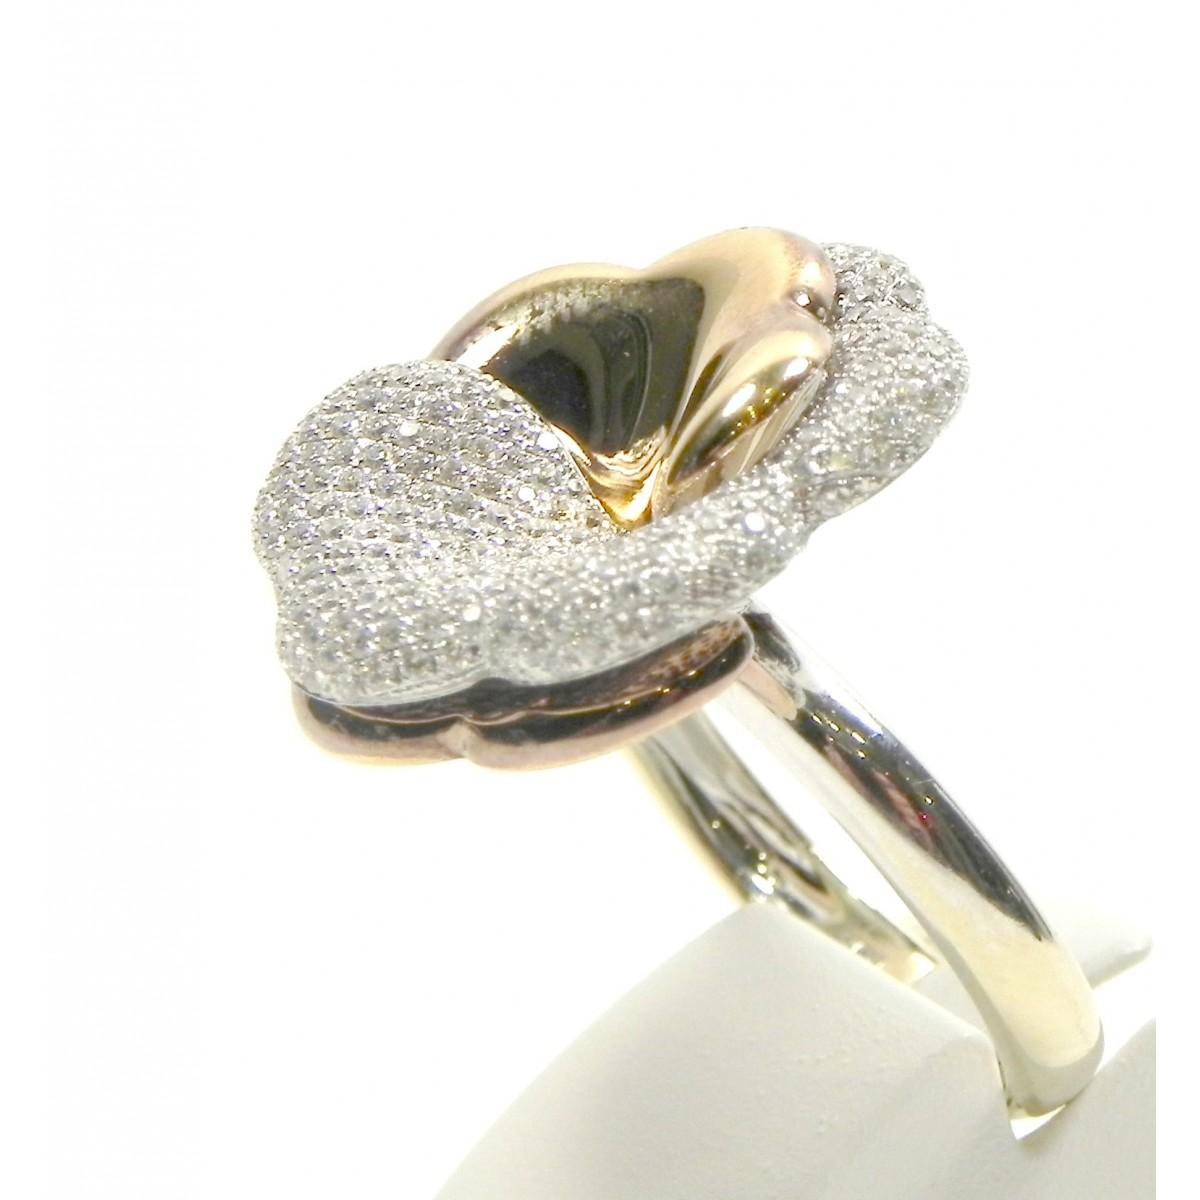 Préférence Bague fleur trois or 750 et diamants - Muse & Or ID96